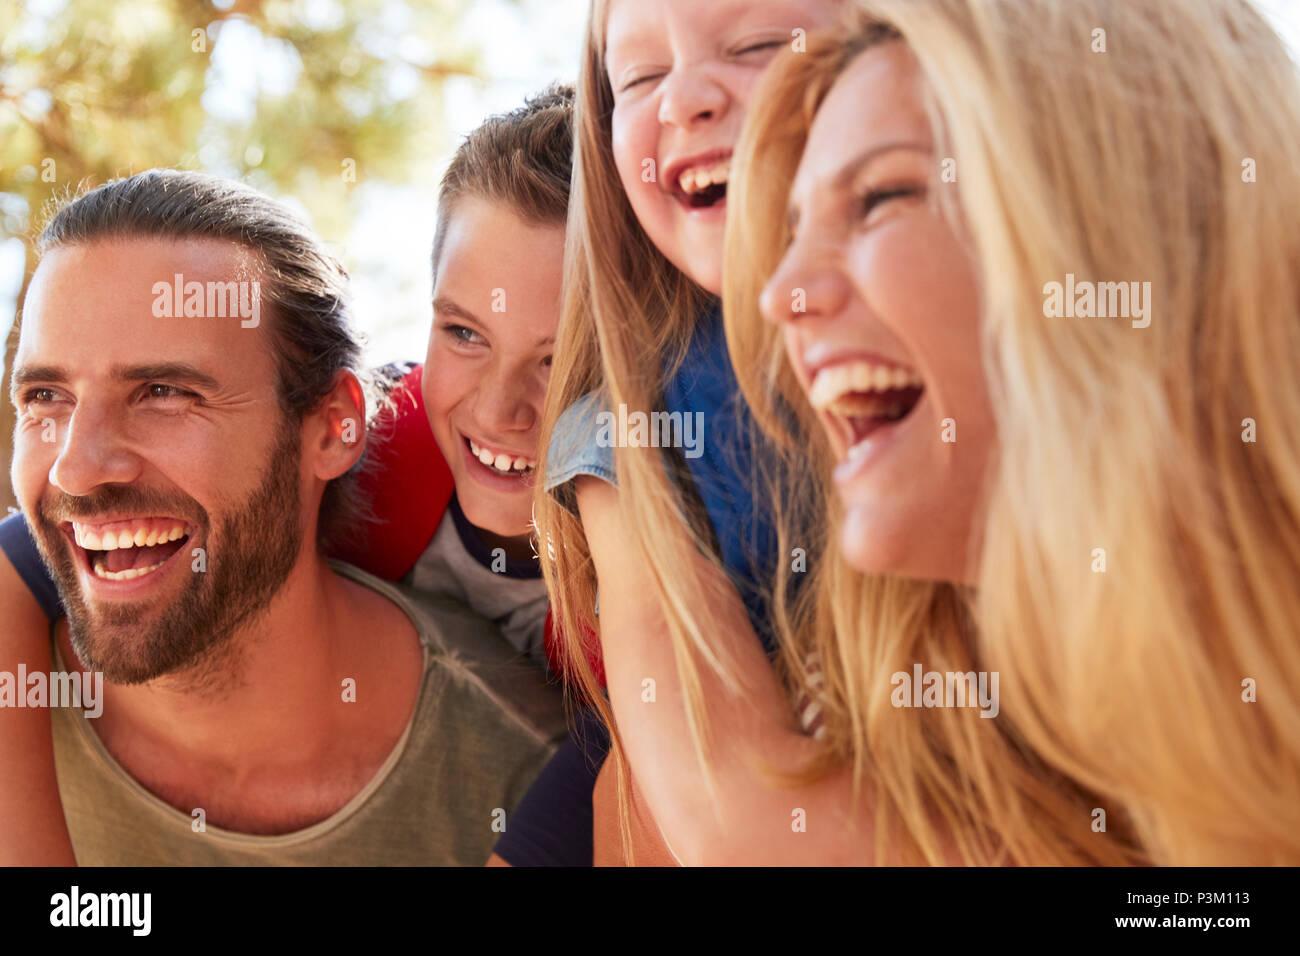 Cabeza y hombros de la foto de familia en excursiones de aventura en Woods Imagen De Stock